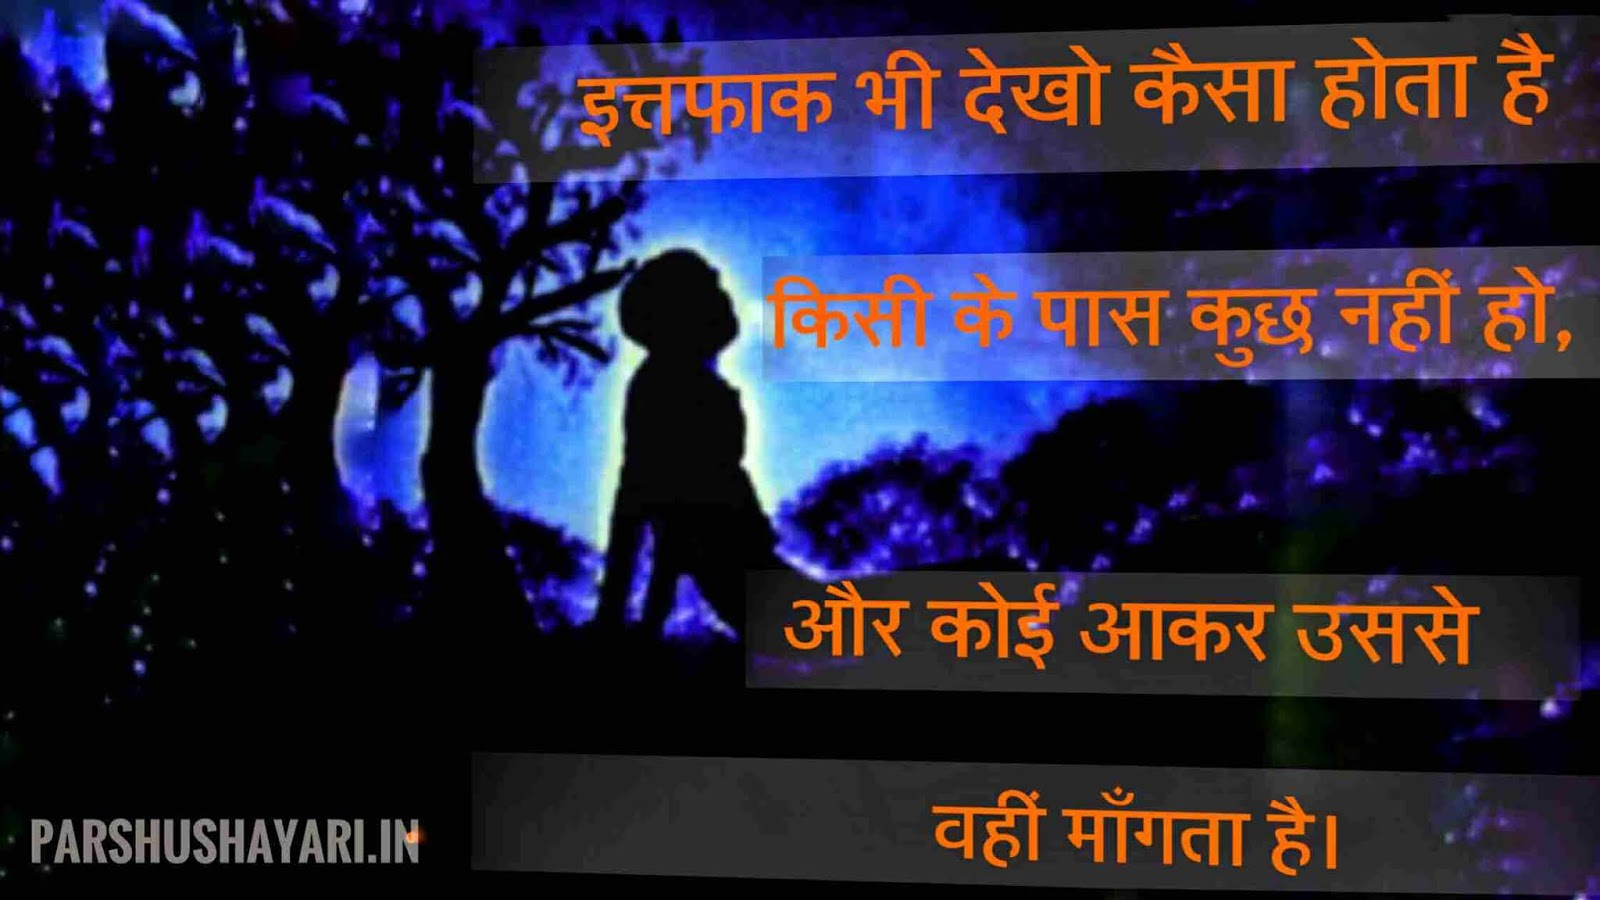 Luck Shayari